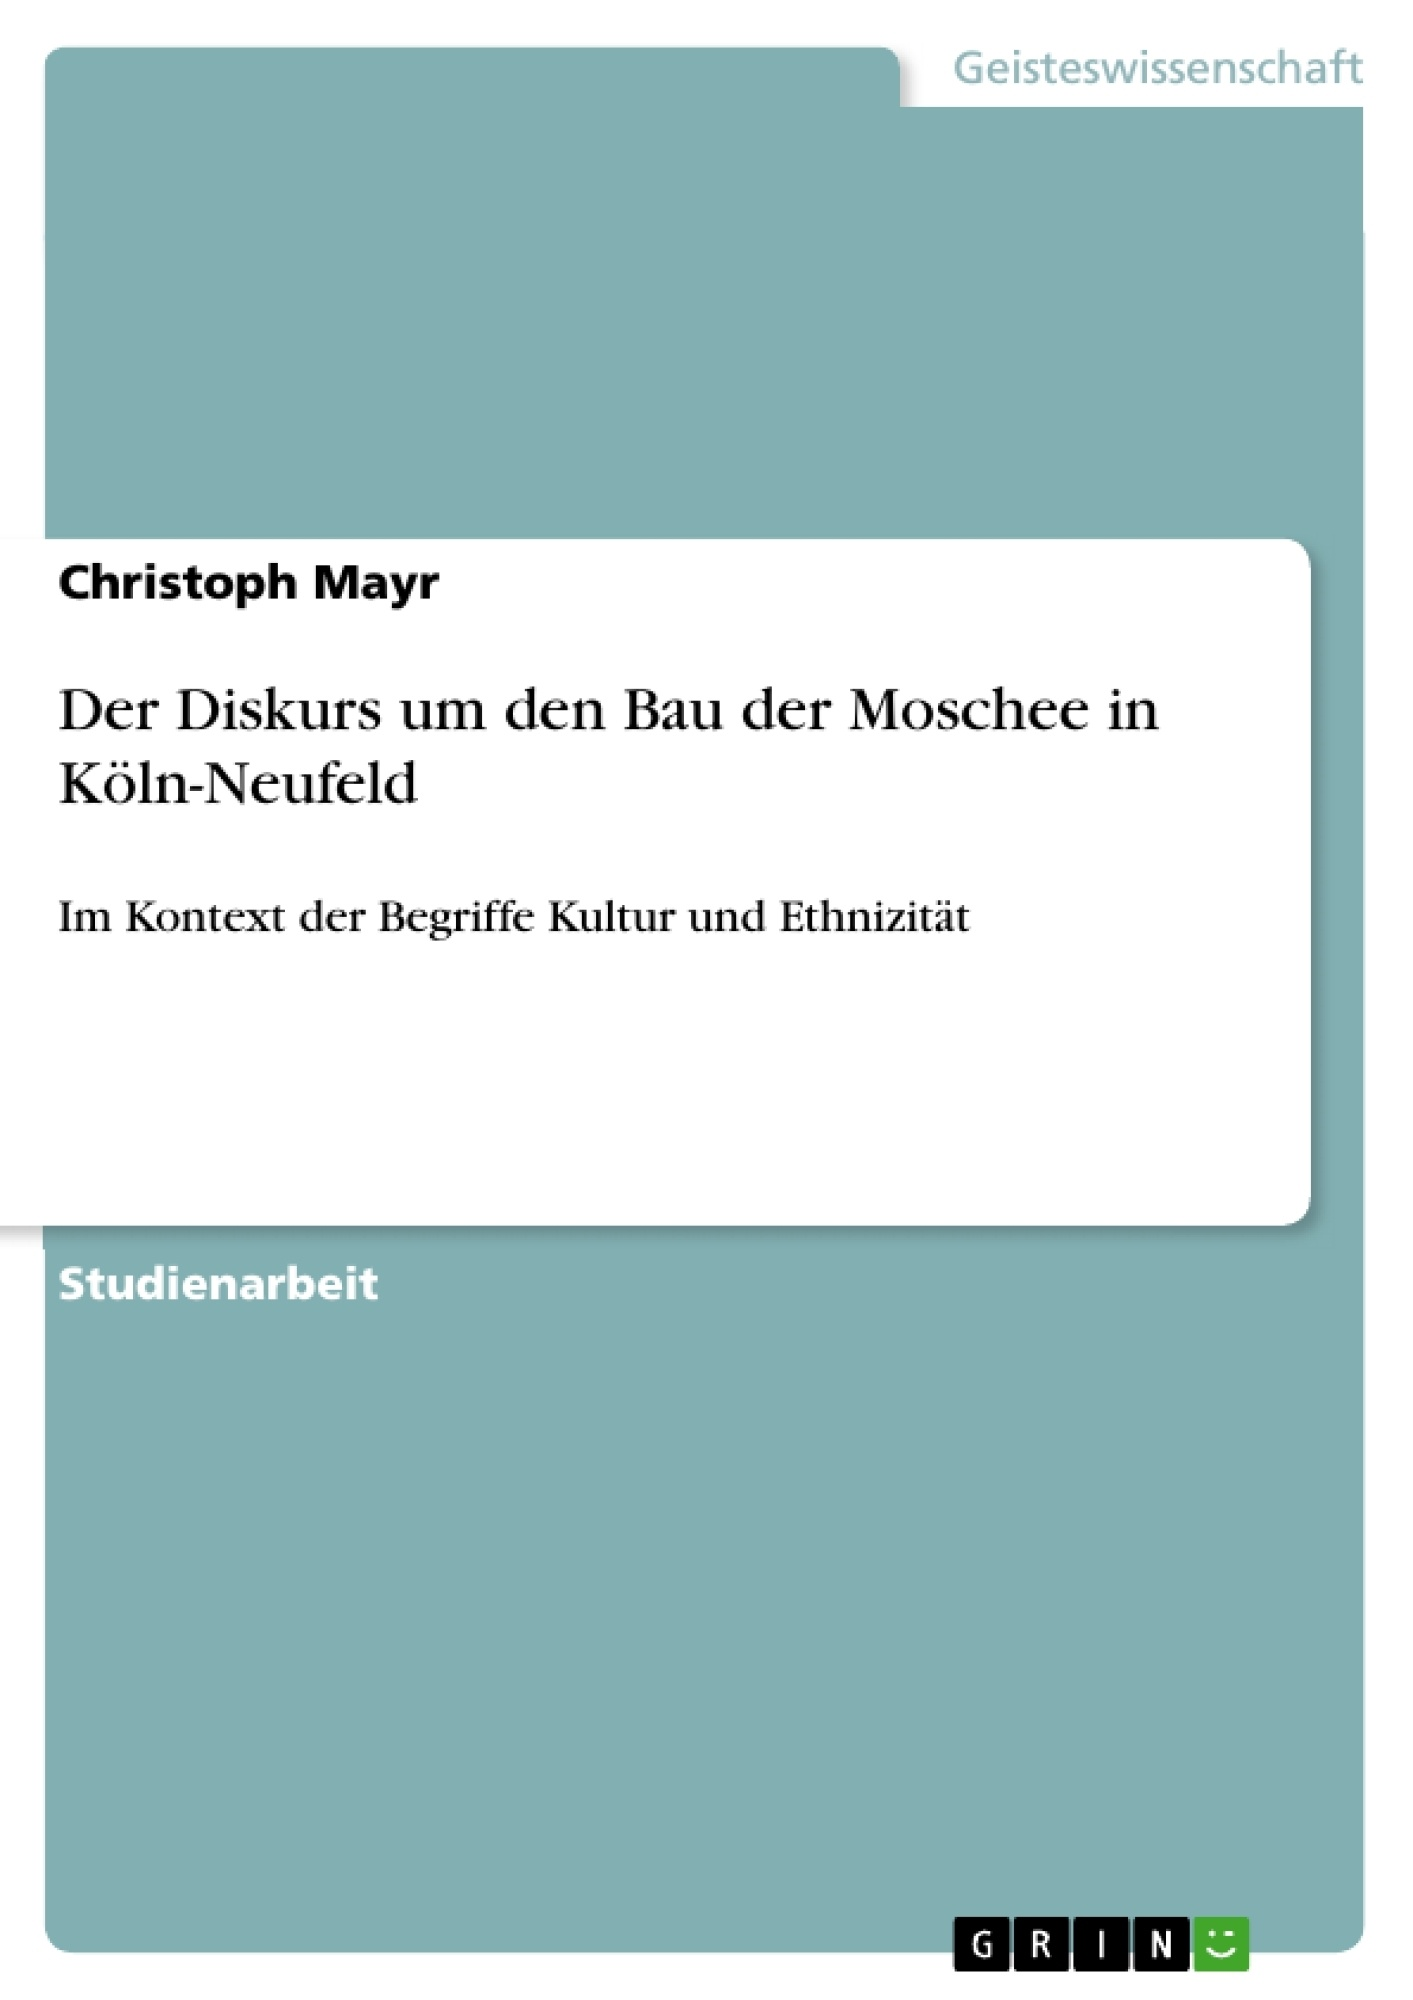 Titel: Der Diskurs um den Bau der Moschee in Köln-Neufeld